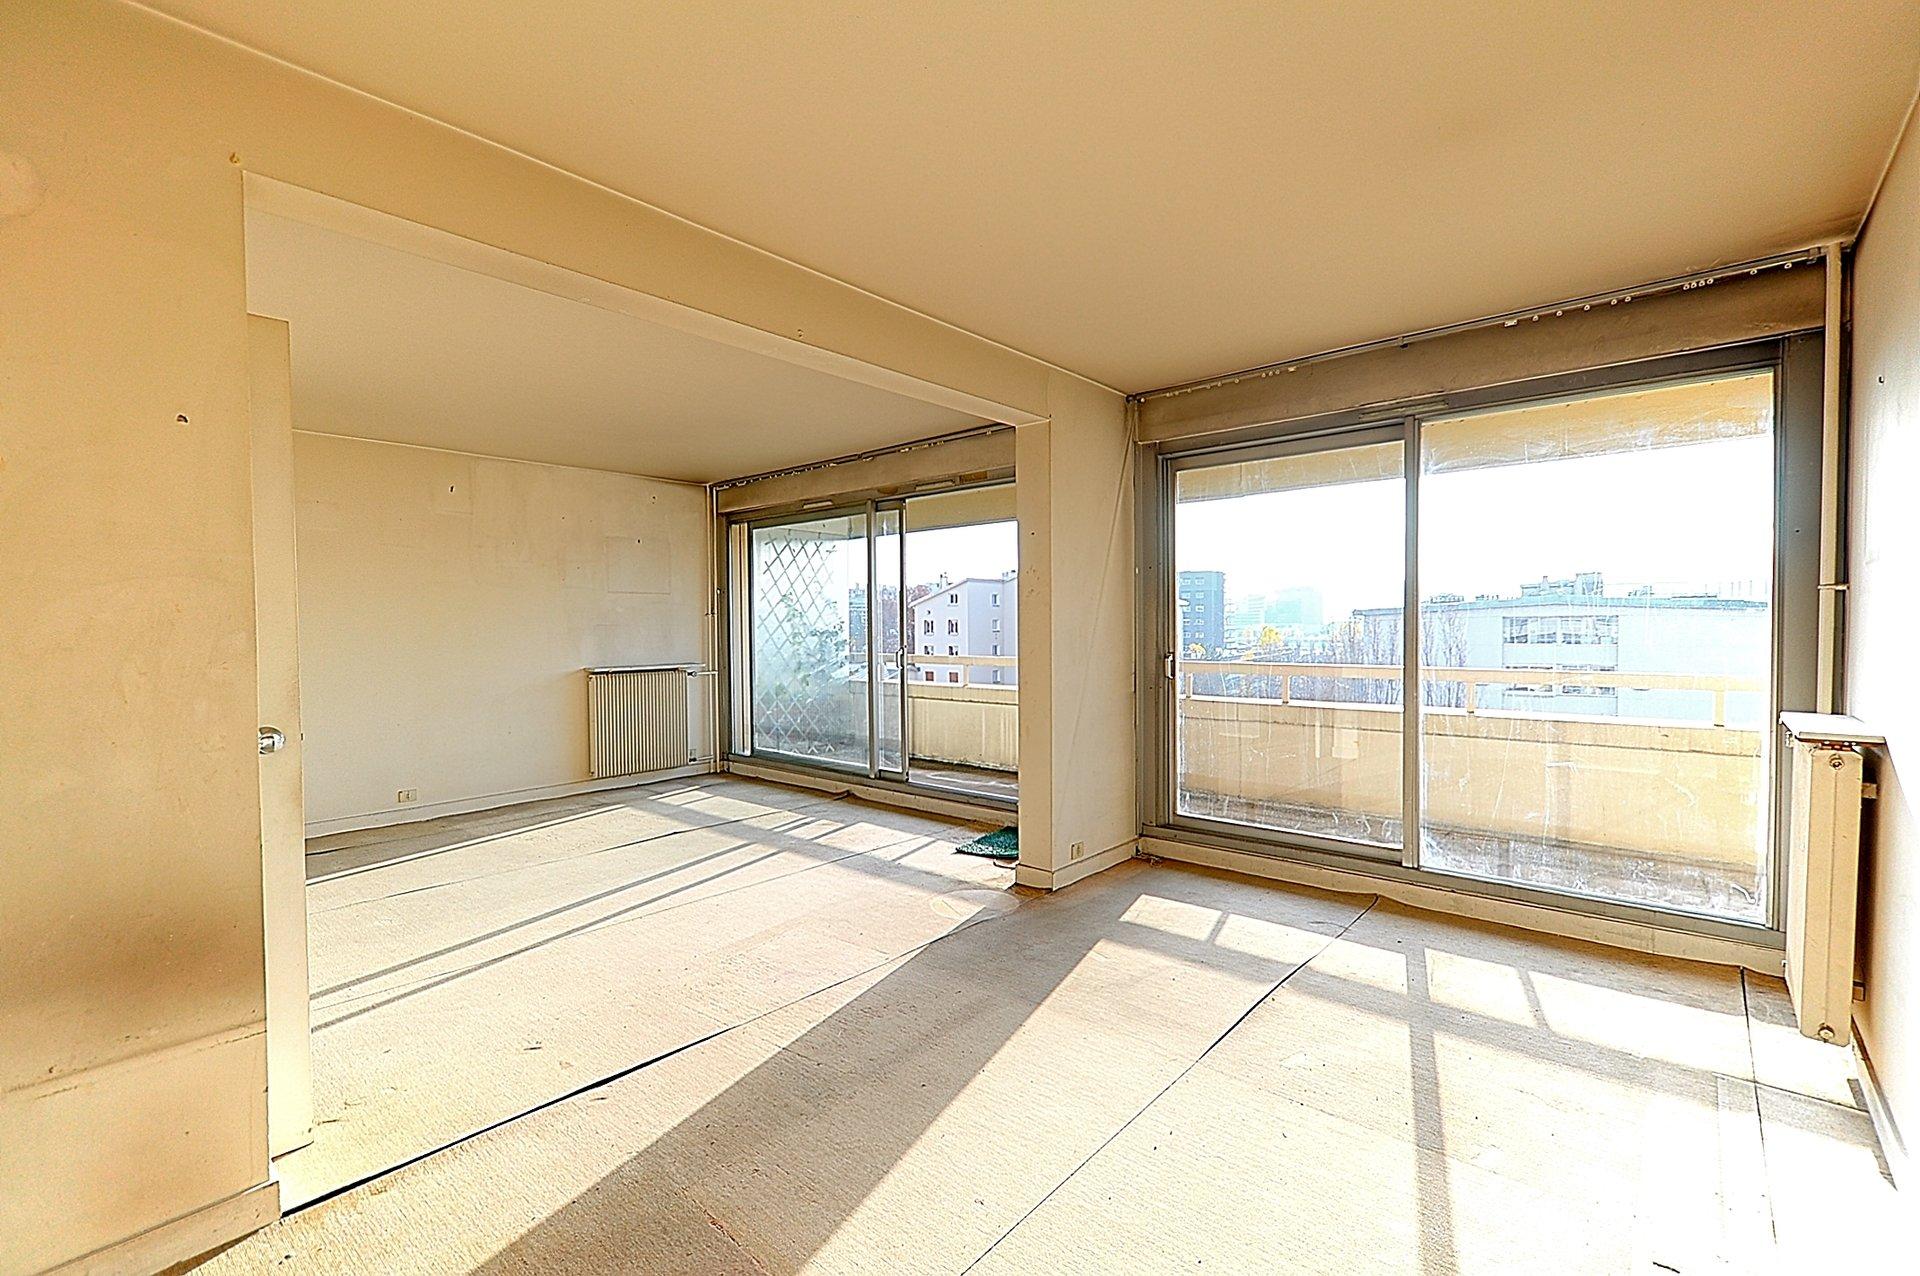 3p balcon terrasse à rénover, parking, secteur Rhin et Danube